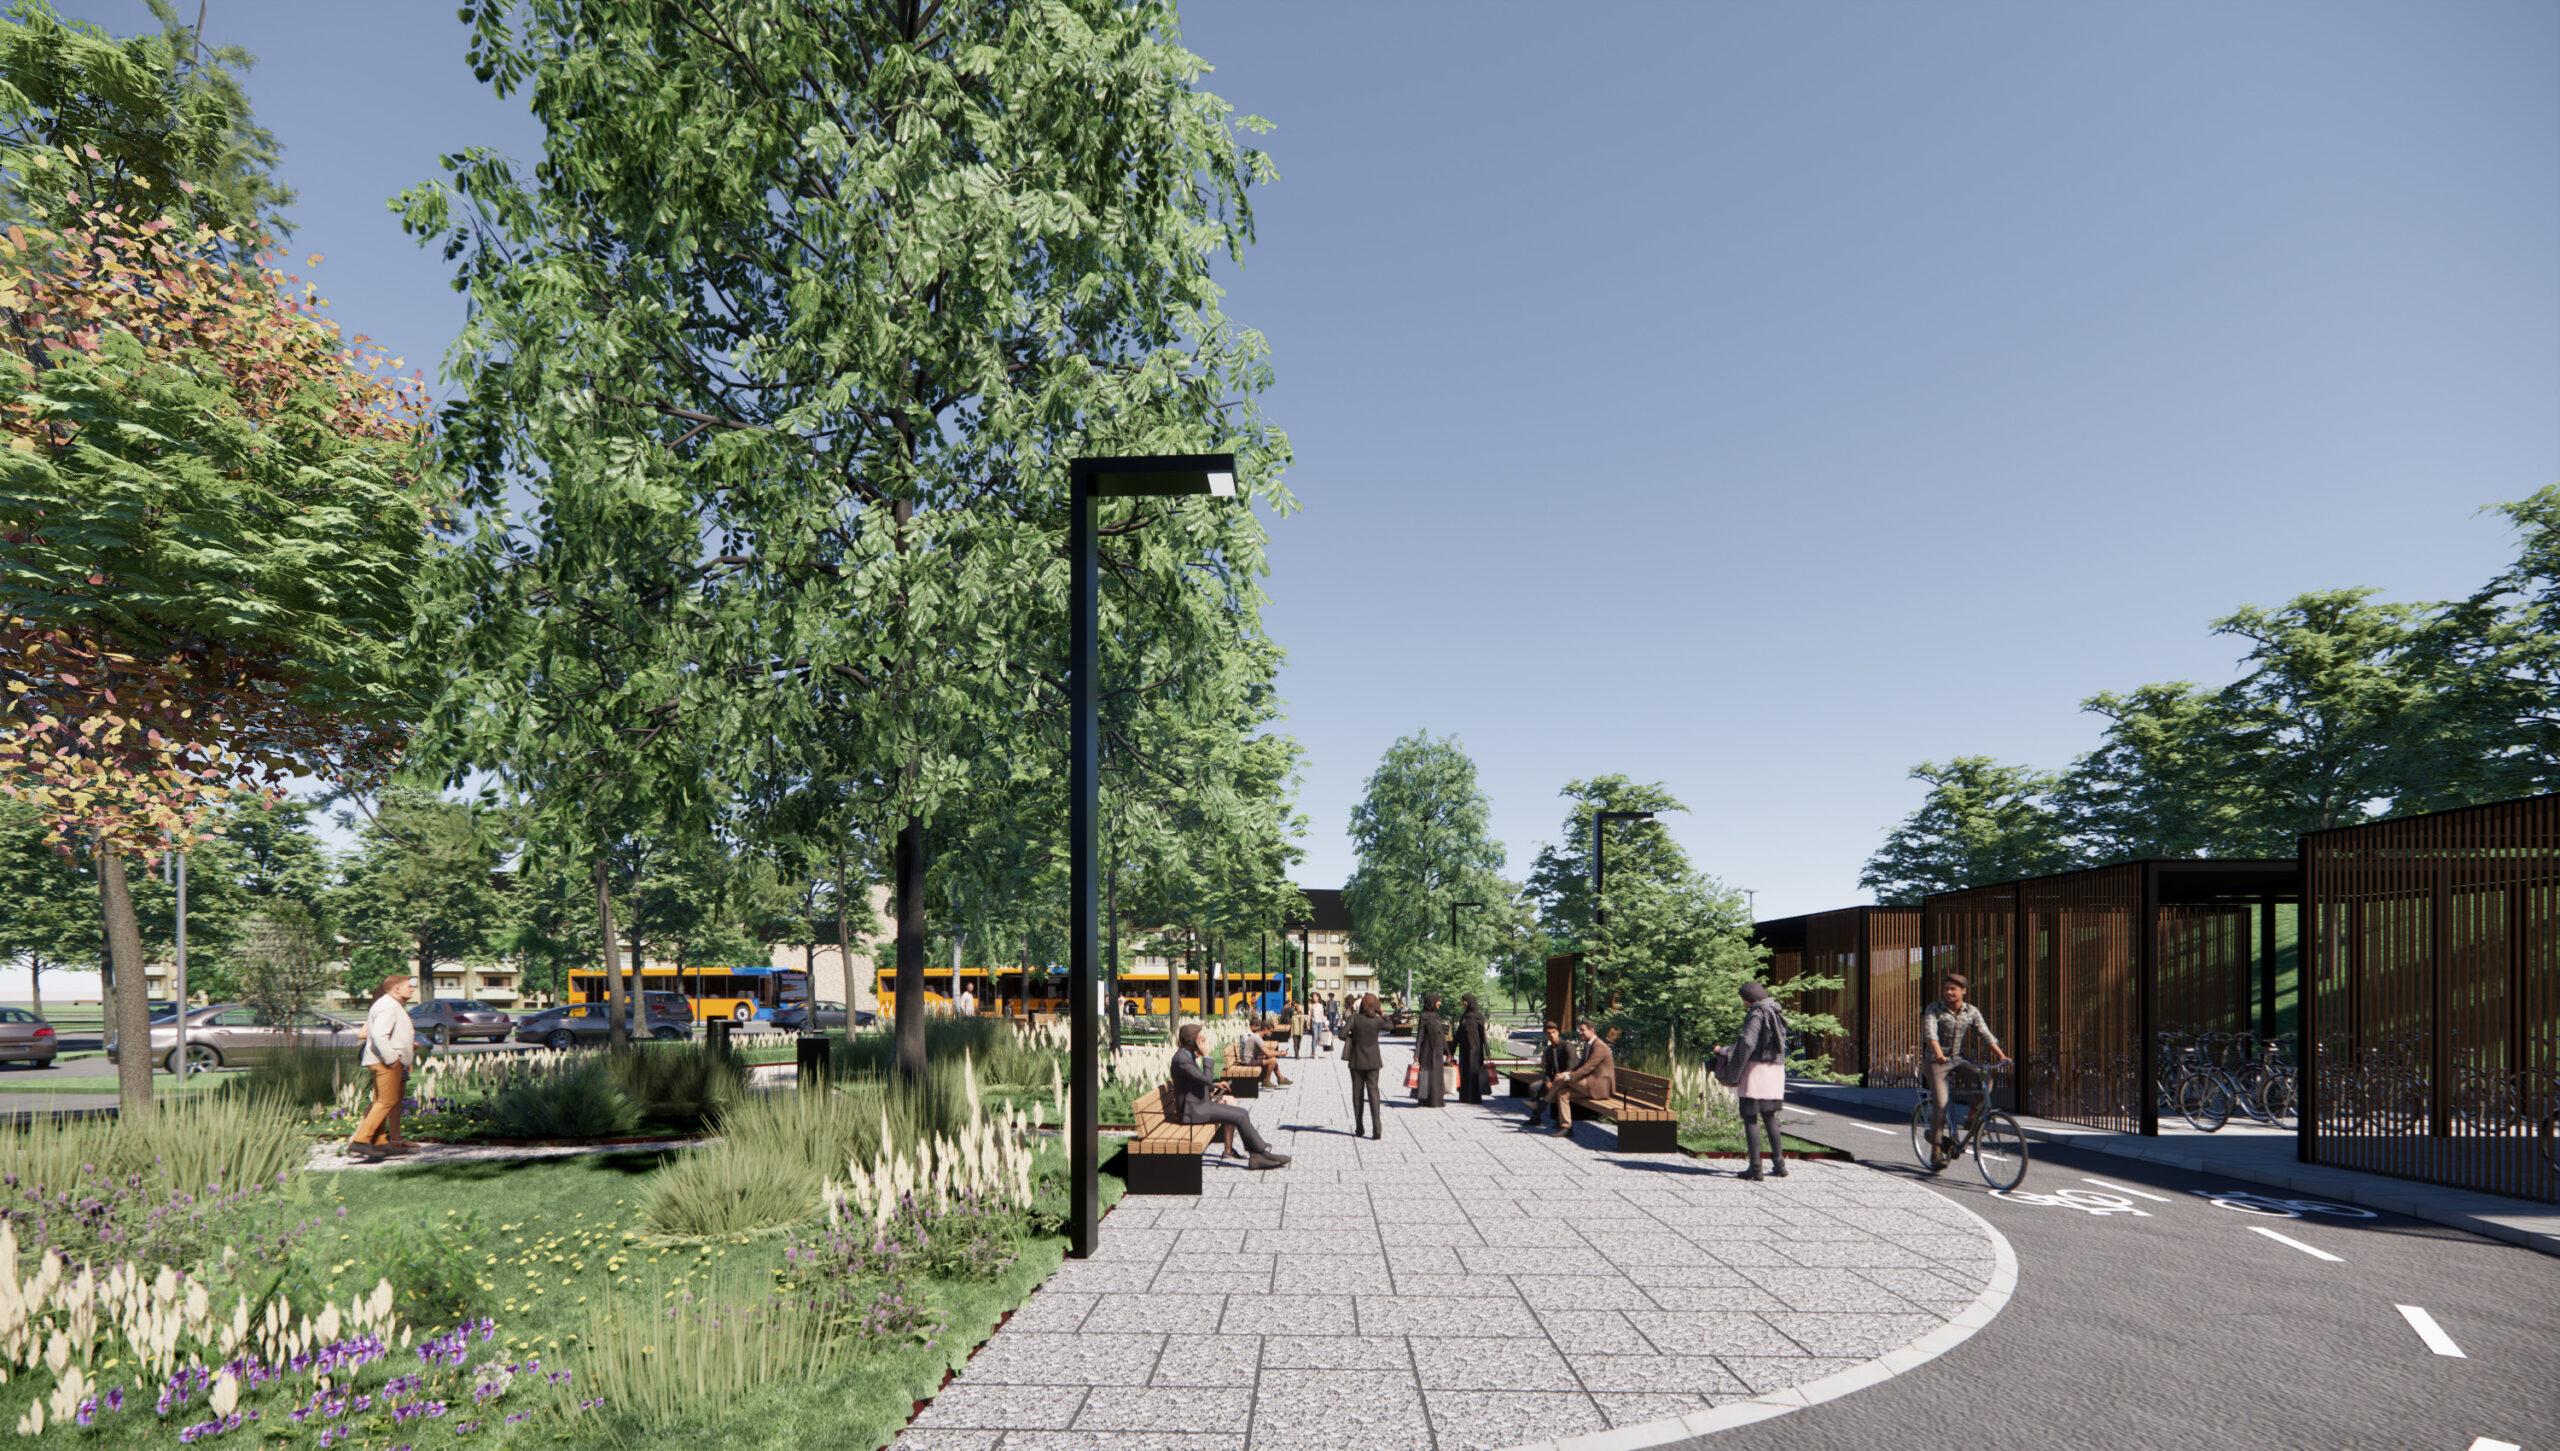 +Way for linje 500S er et tværfagligt projekt om, hvordan man forener busfremkommelighed, byrum og byudvikling.